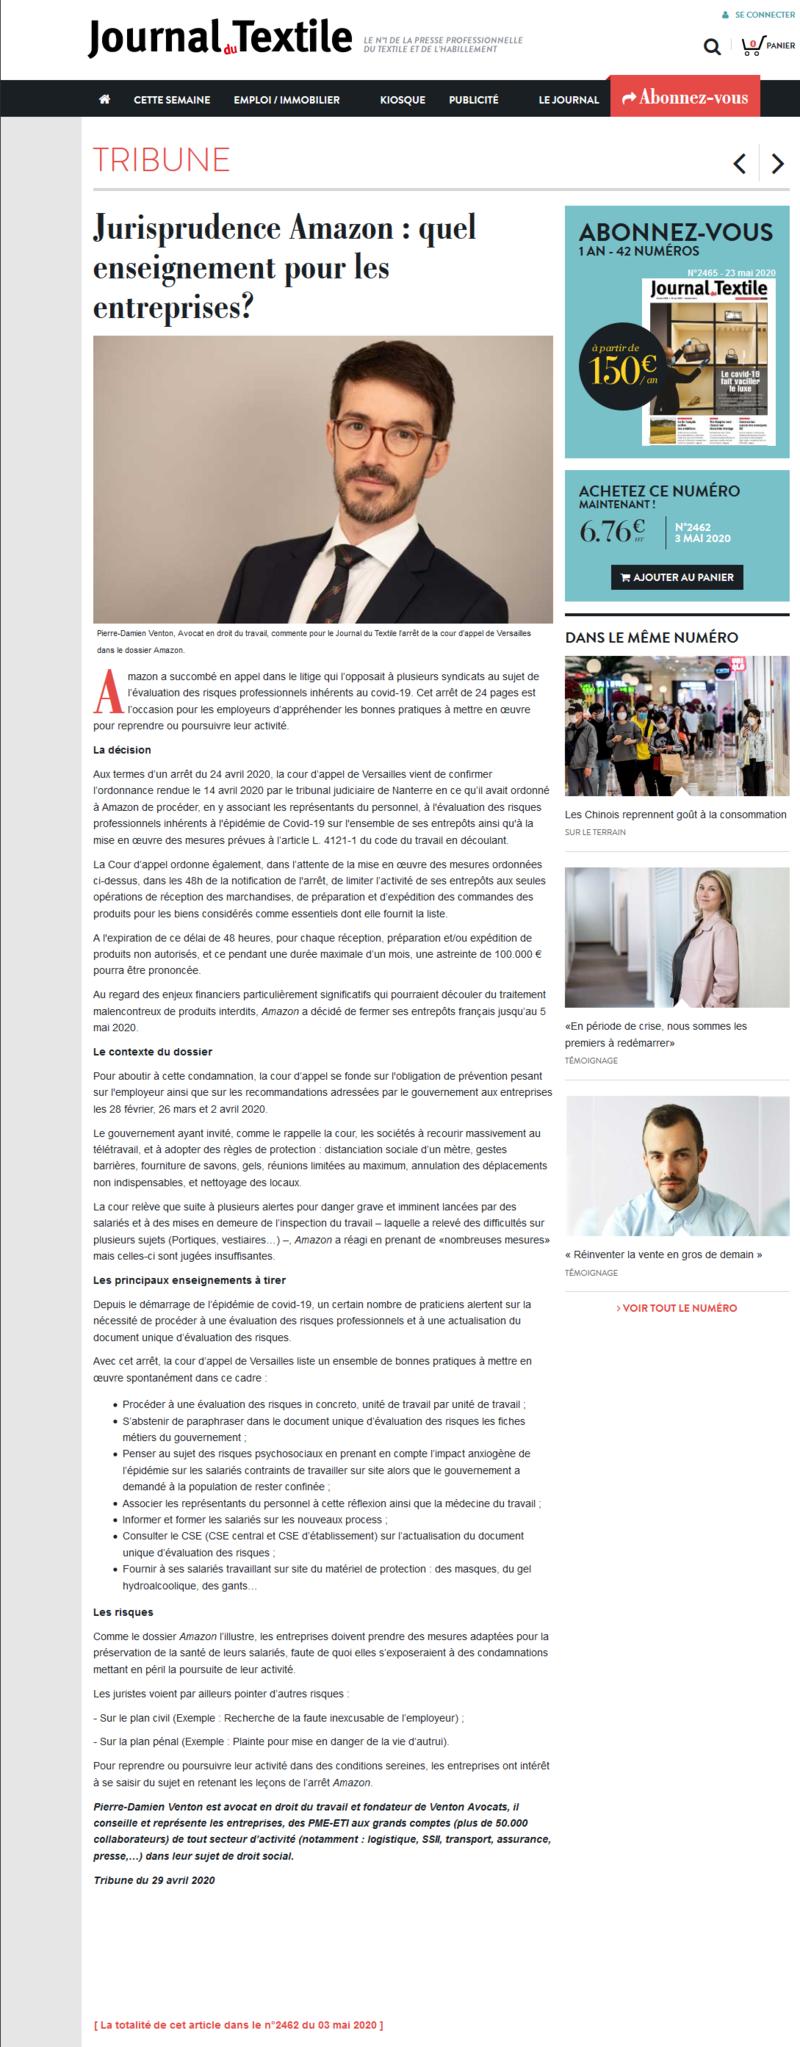 Jurisprudence Amazon : quel enseignement pour les entreprises? 1